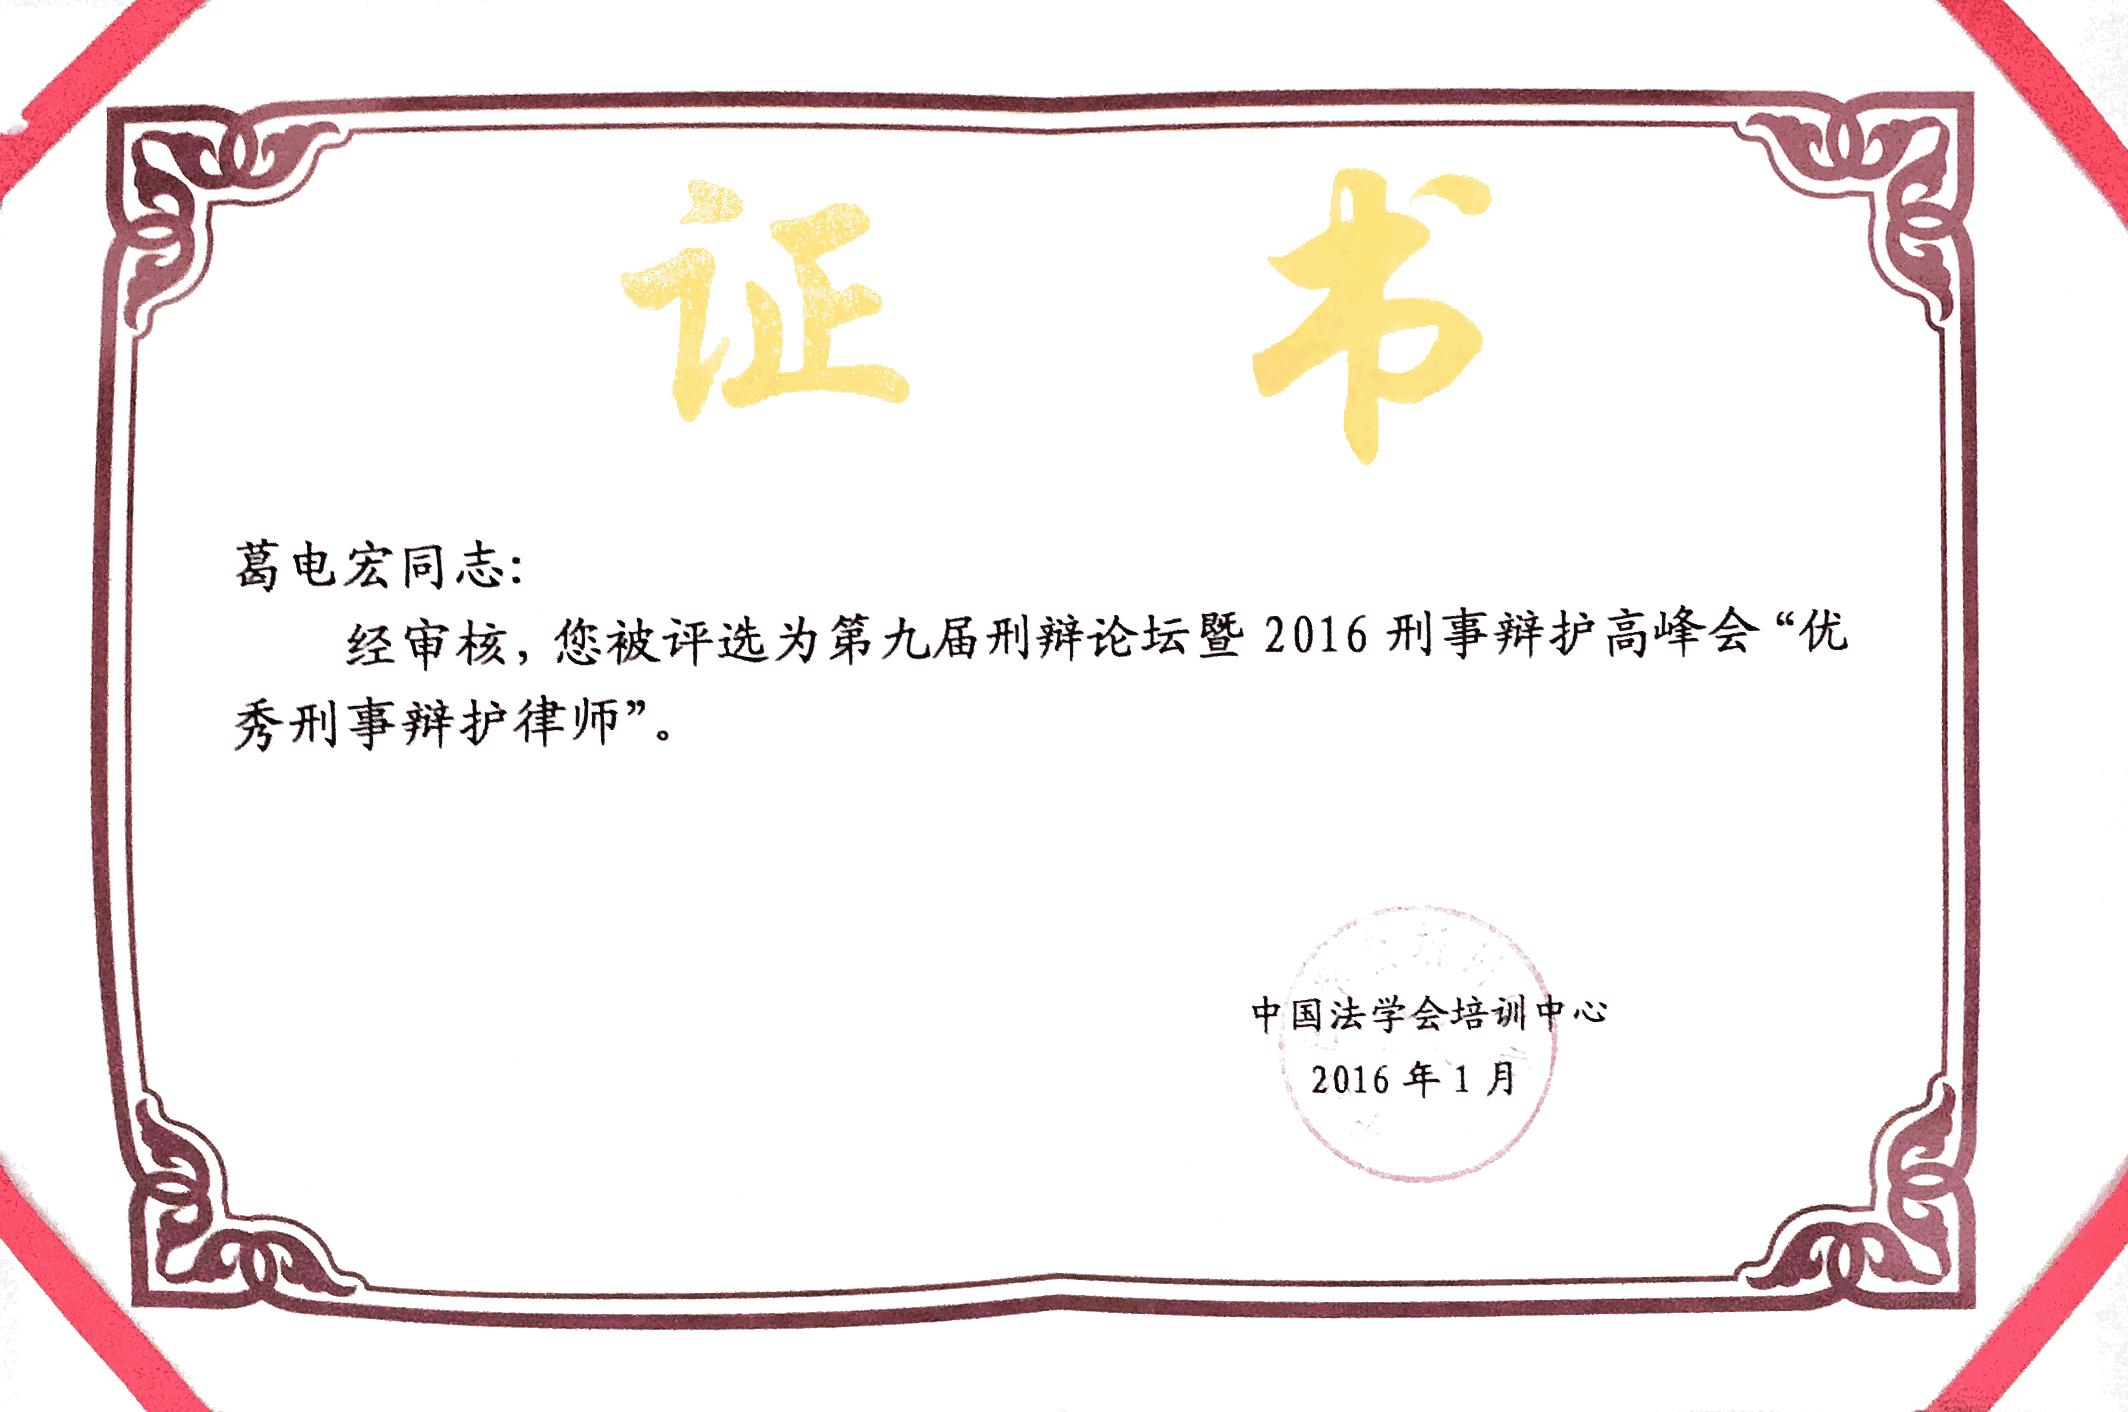 """葛电宏律师被评为""""优秀刑事辩护律师"""""""